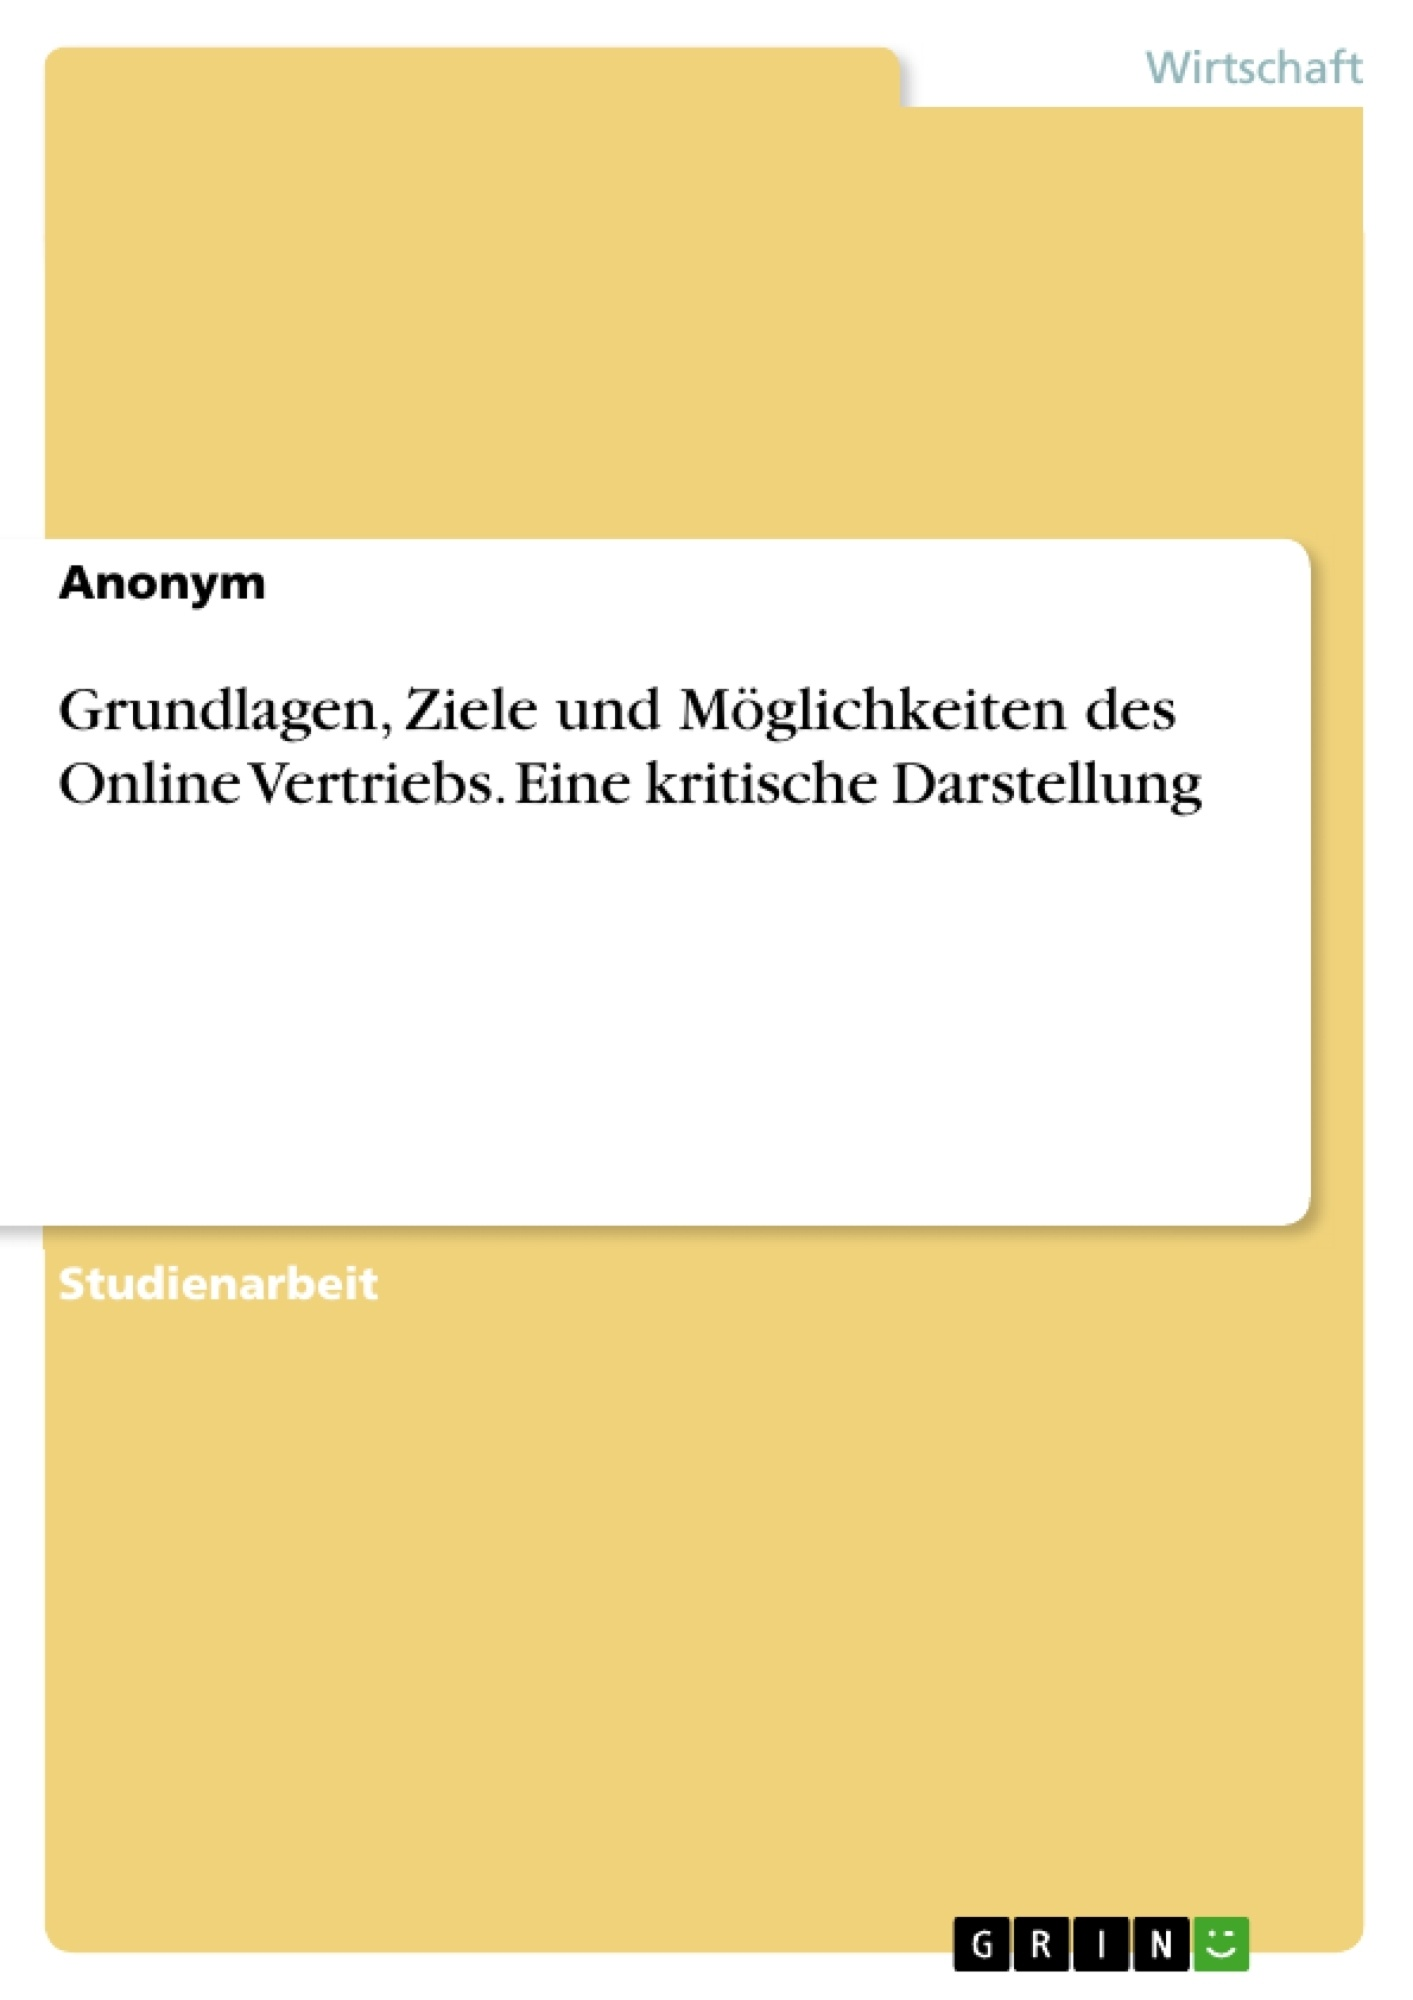 Titel: Grundlagen, Ziele und Möglichkeiten des Online Vertriebs. Eine kritische Darstellung